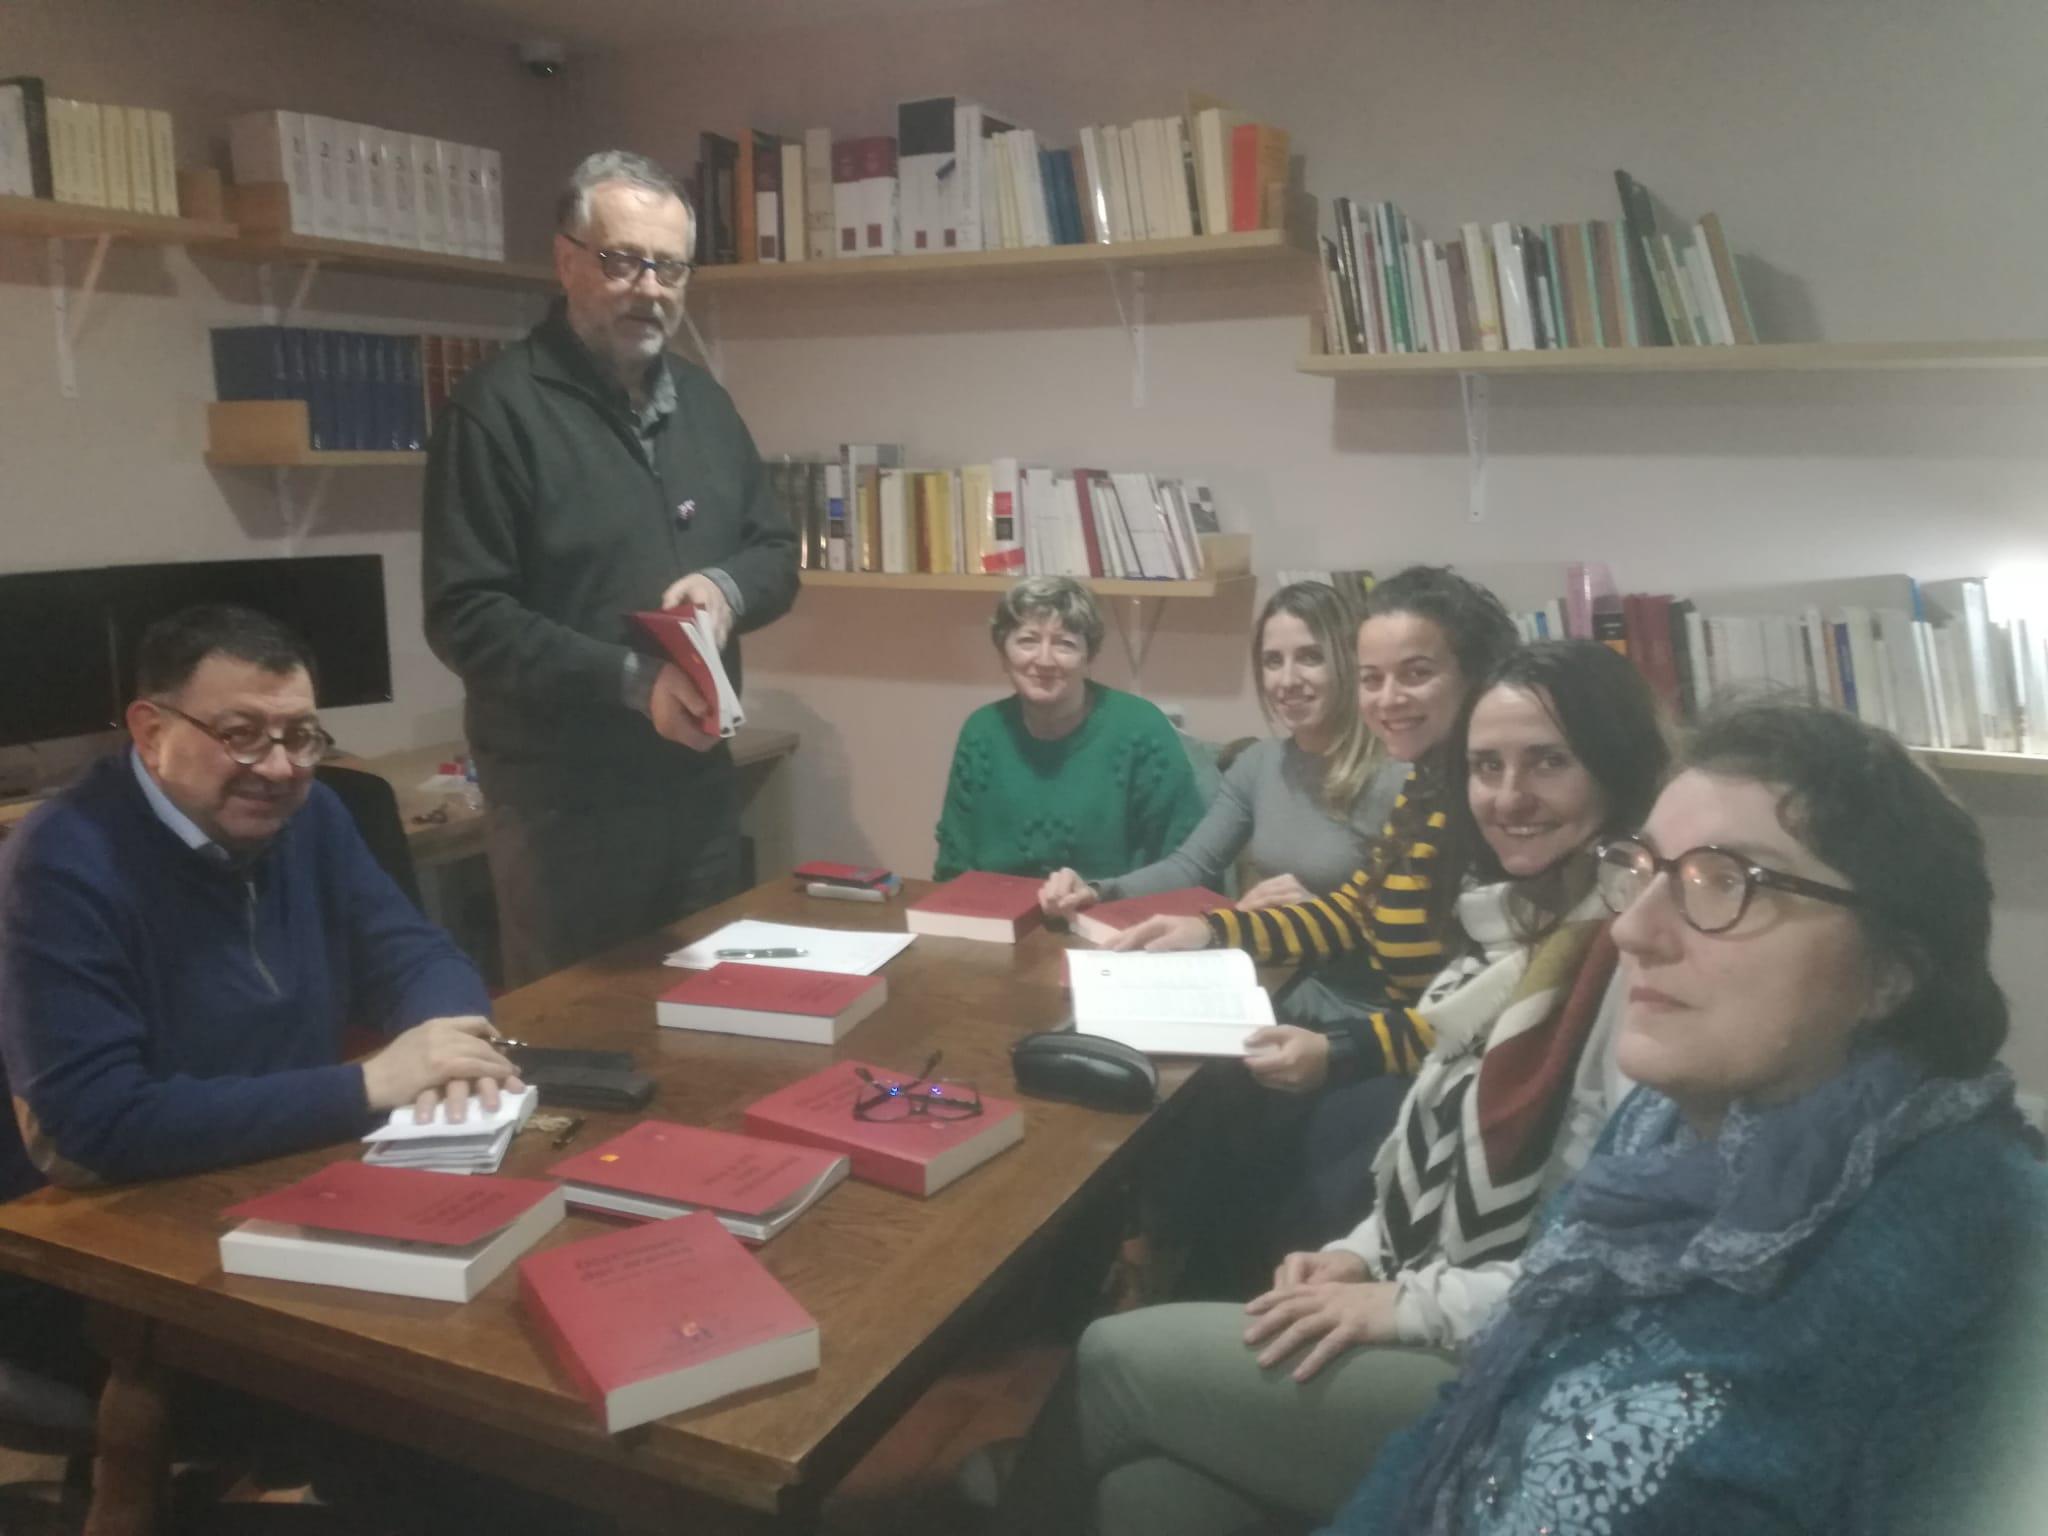 PRESENTACION DETH DICCIONARI AR ESTUDI ALEJANDRO CASONA